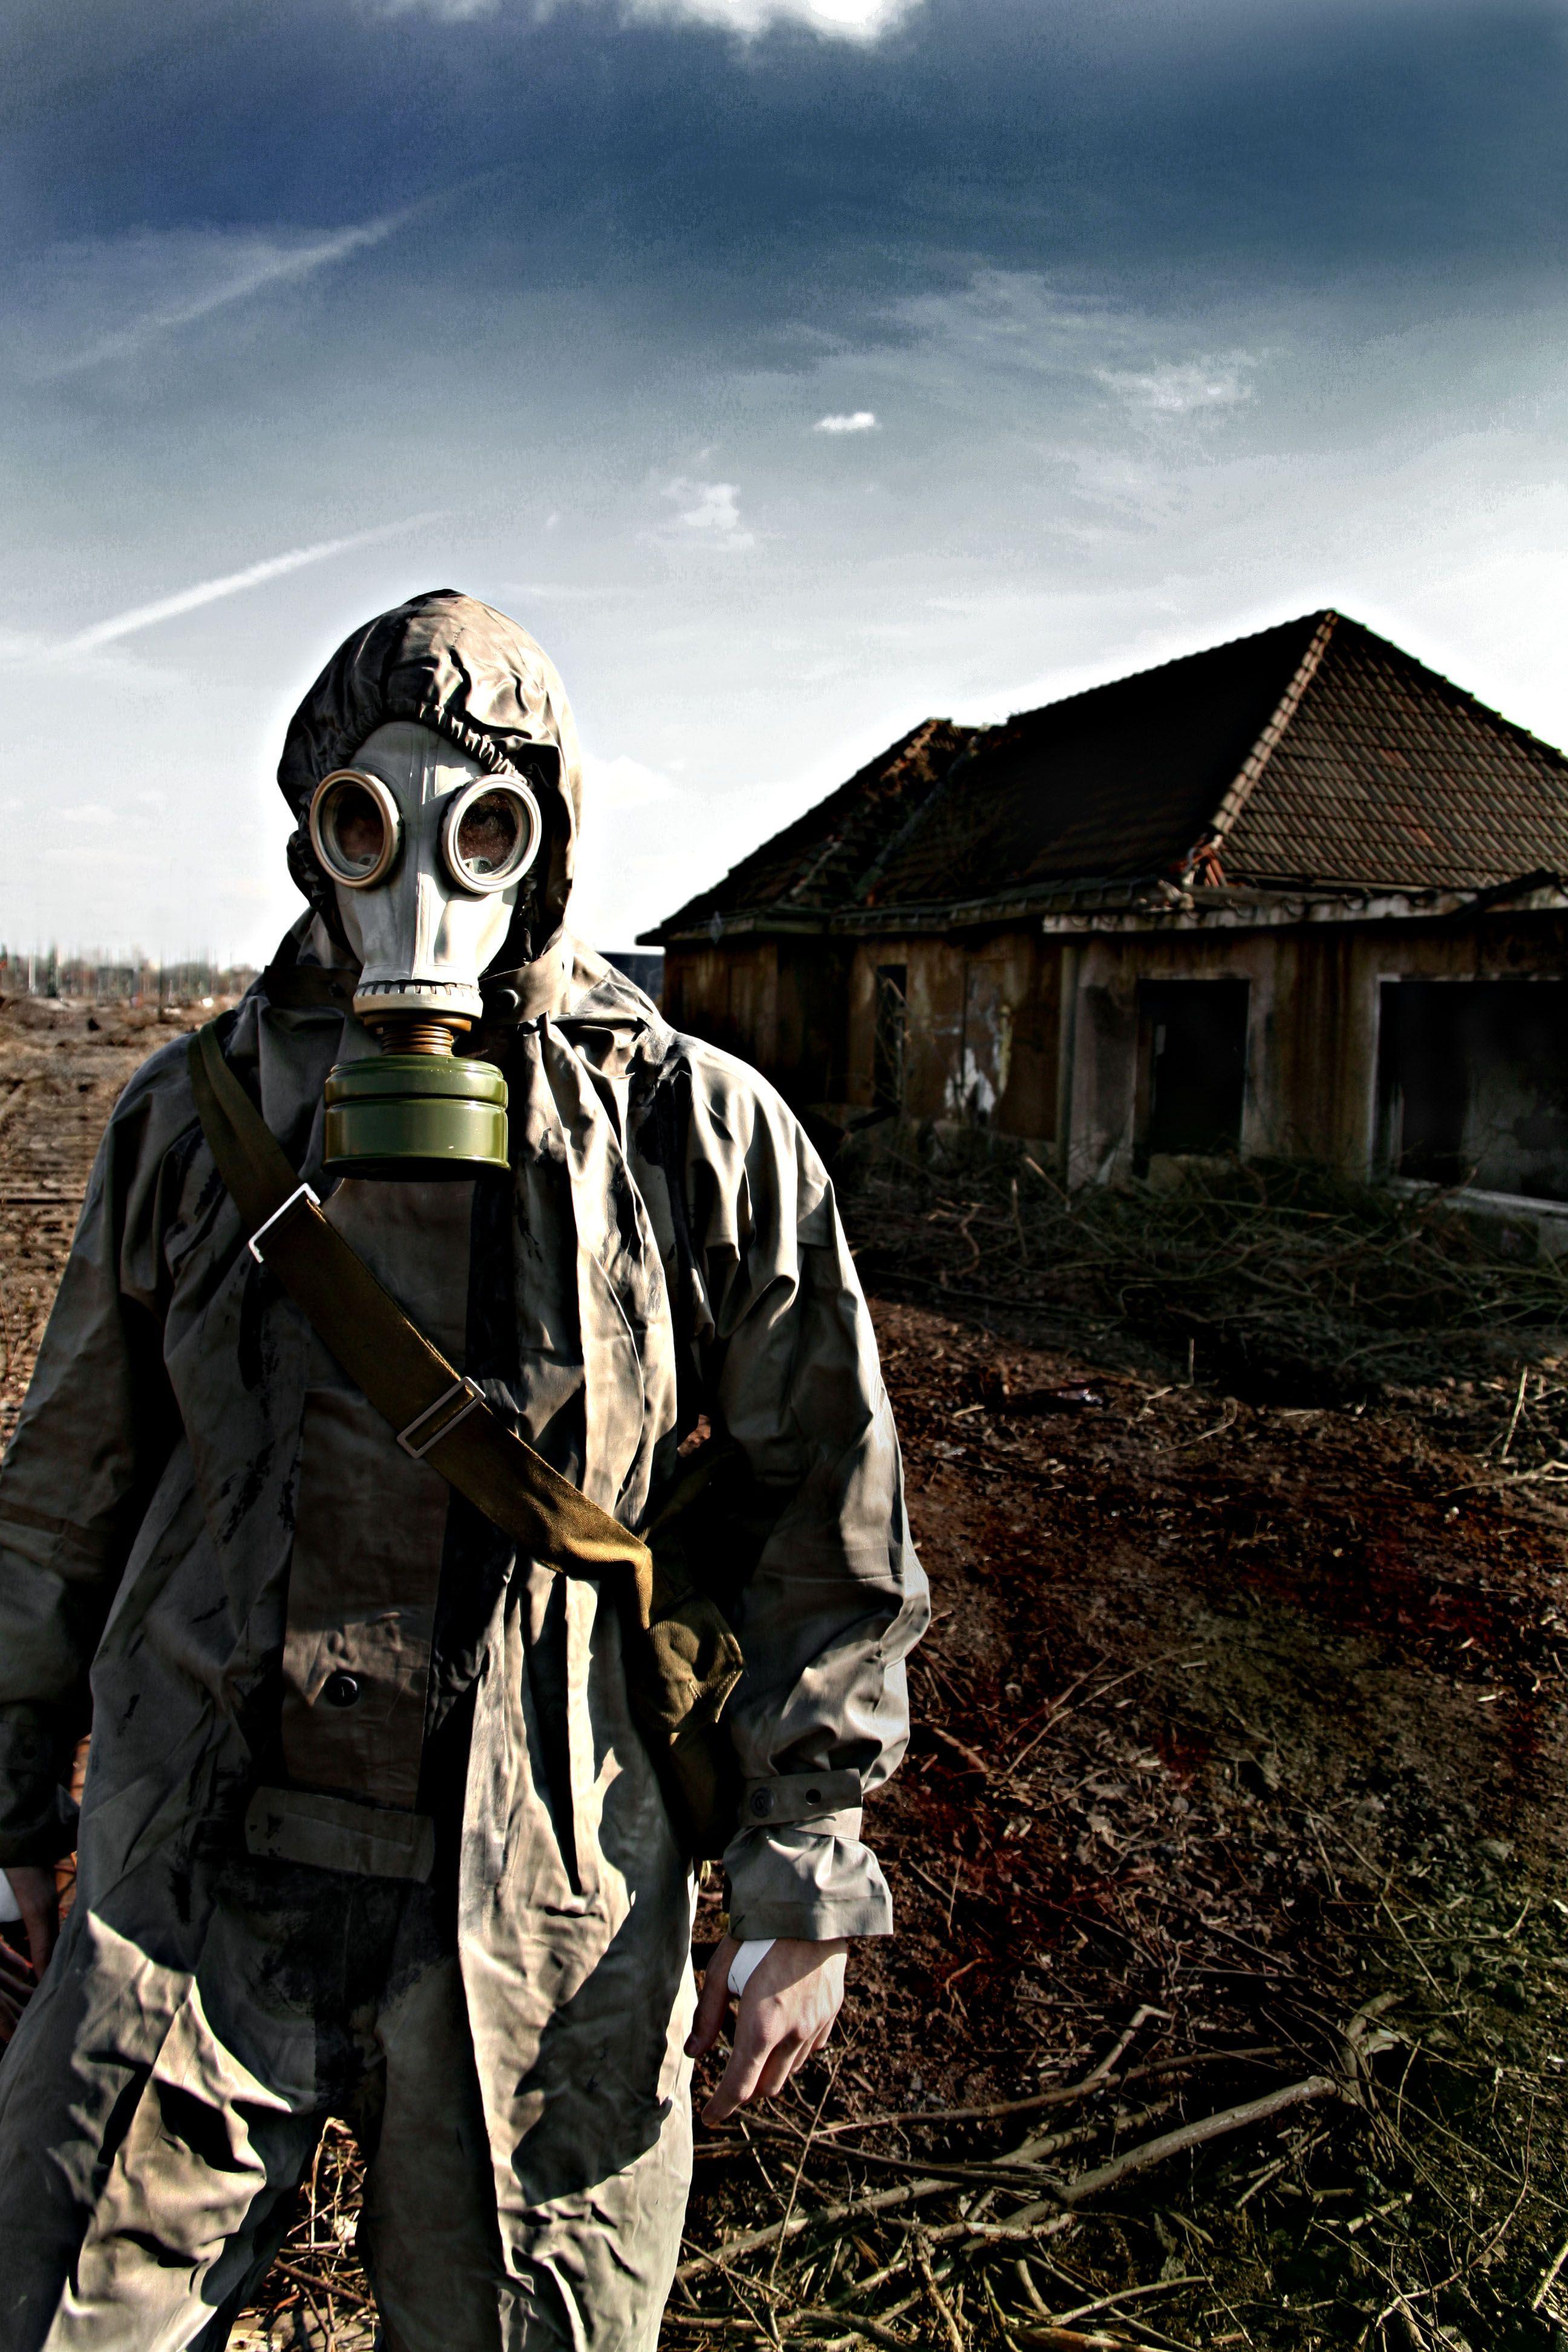 Gas Mask Family | WiNDoWS 2 THe SouL | Pinterest | Masking, Dark ...